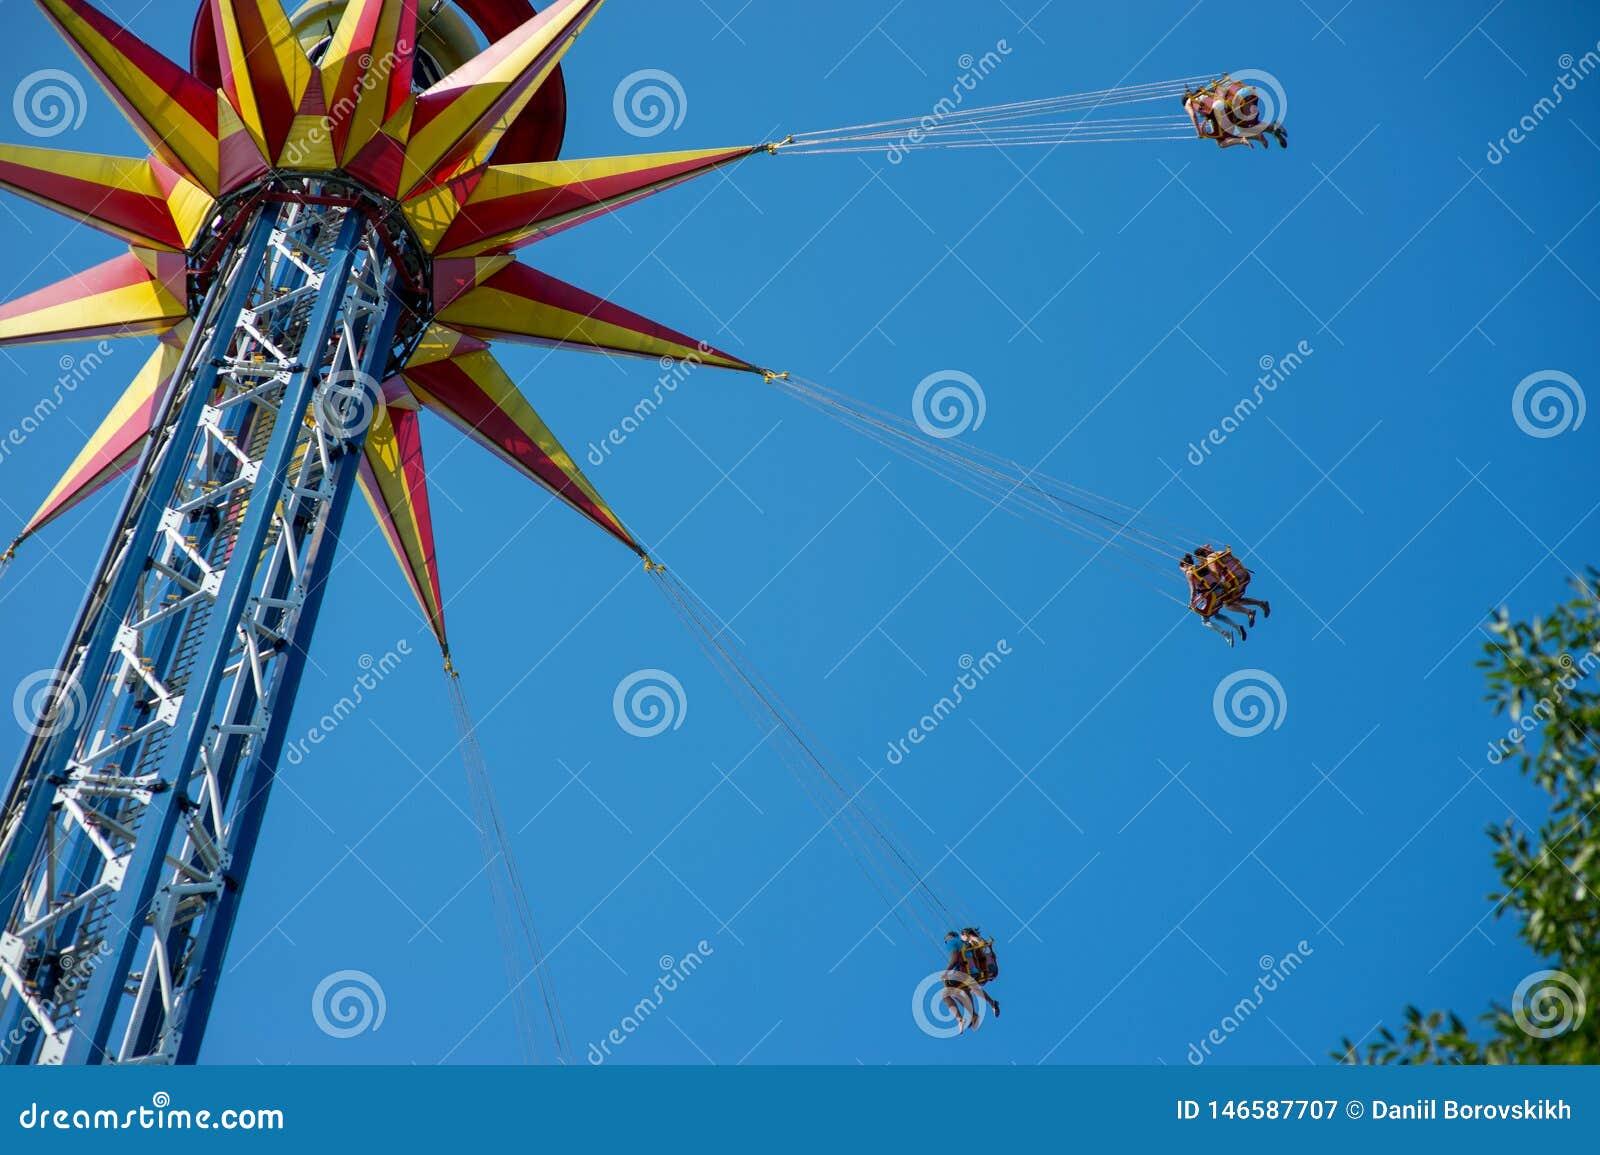 Carosello con un ascensore in un parco di festa